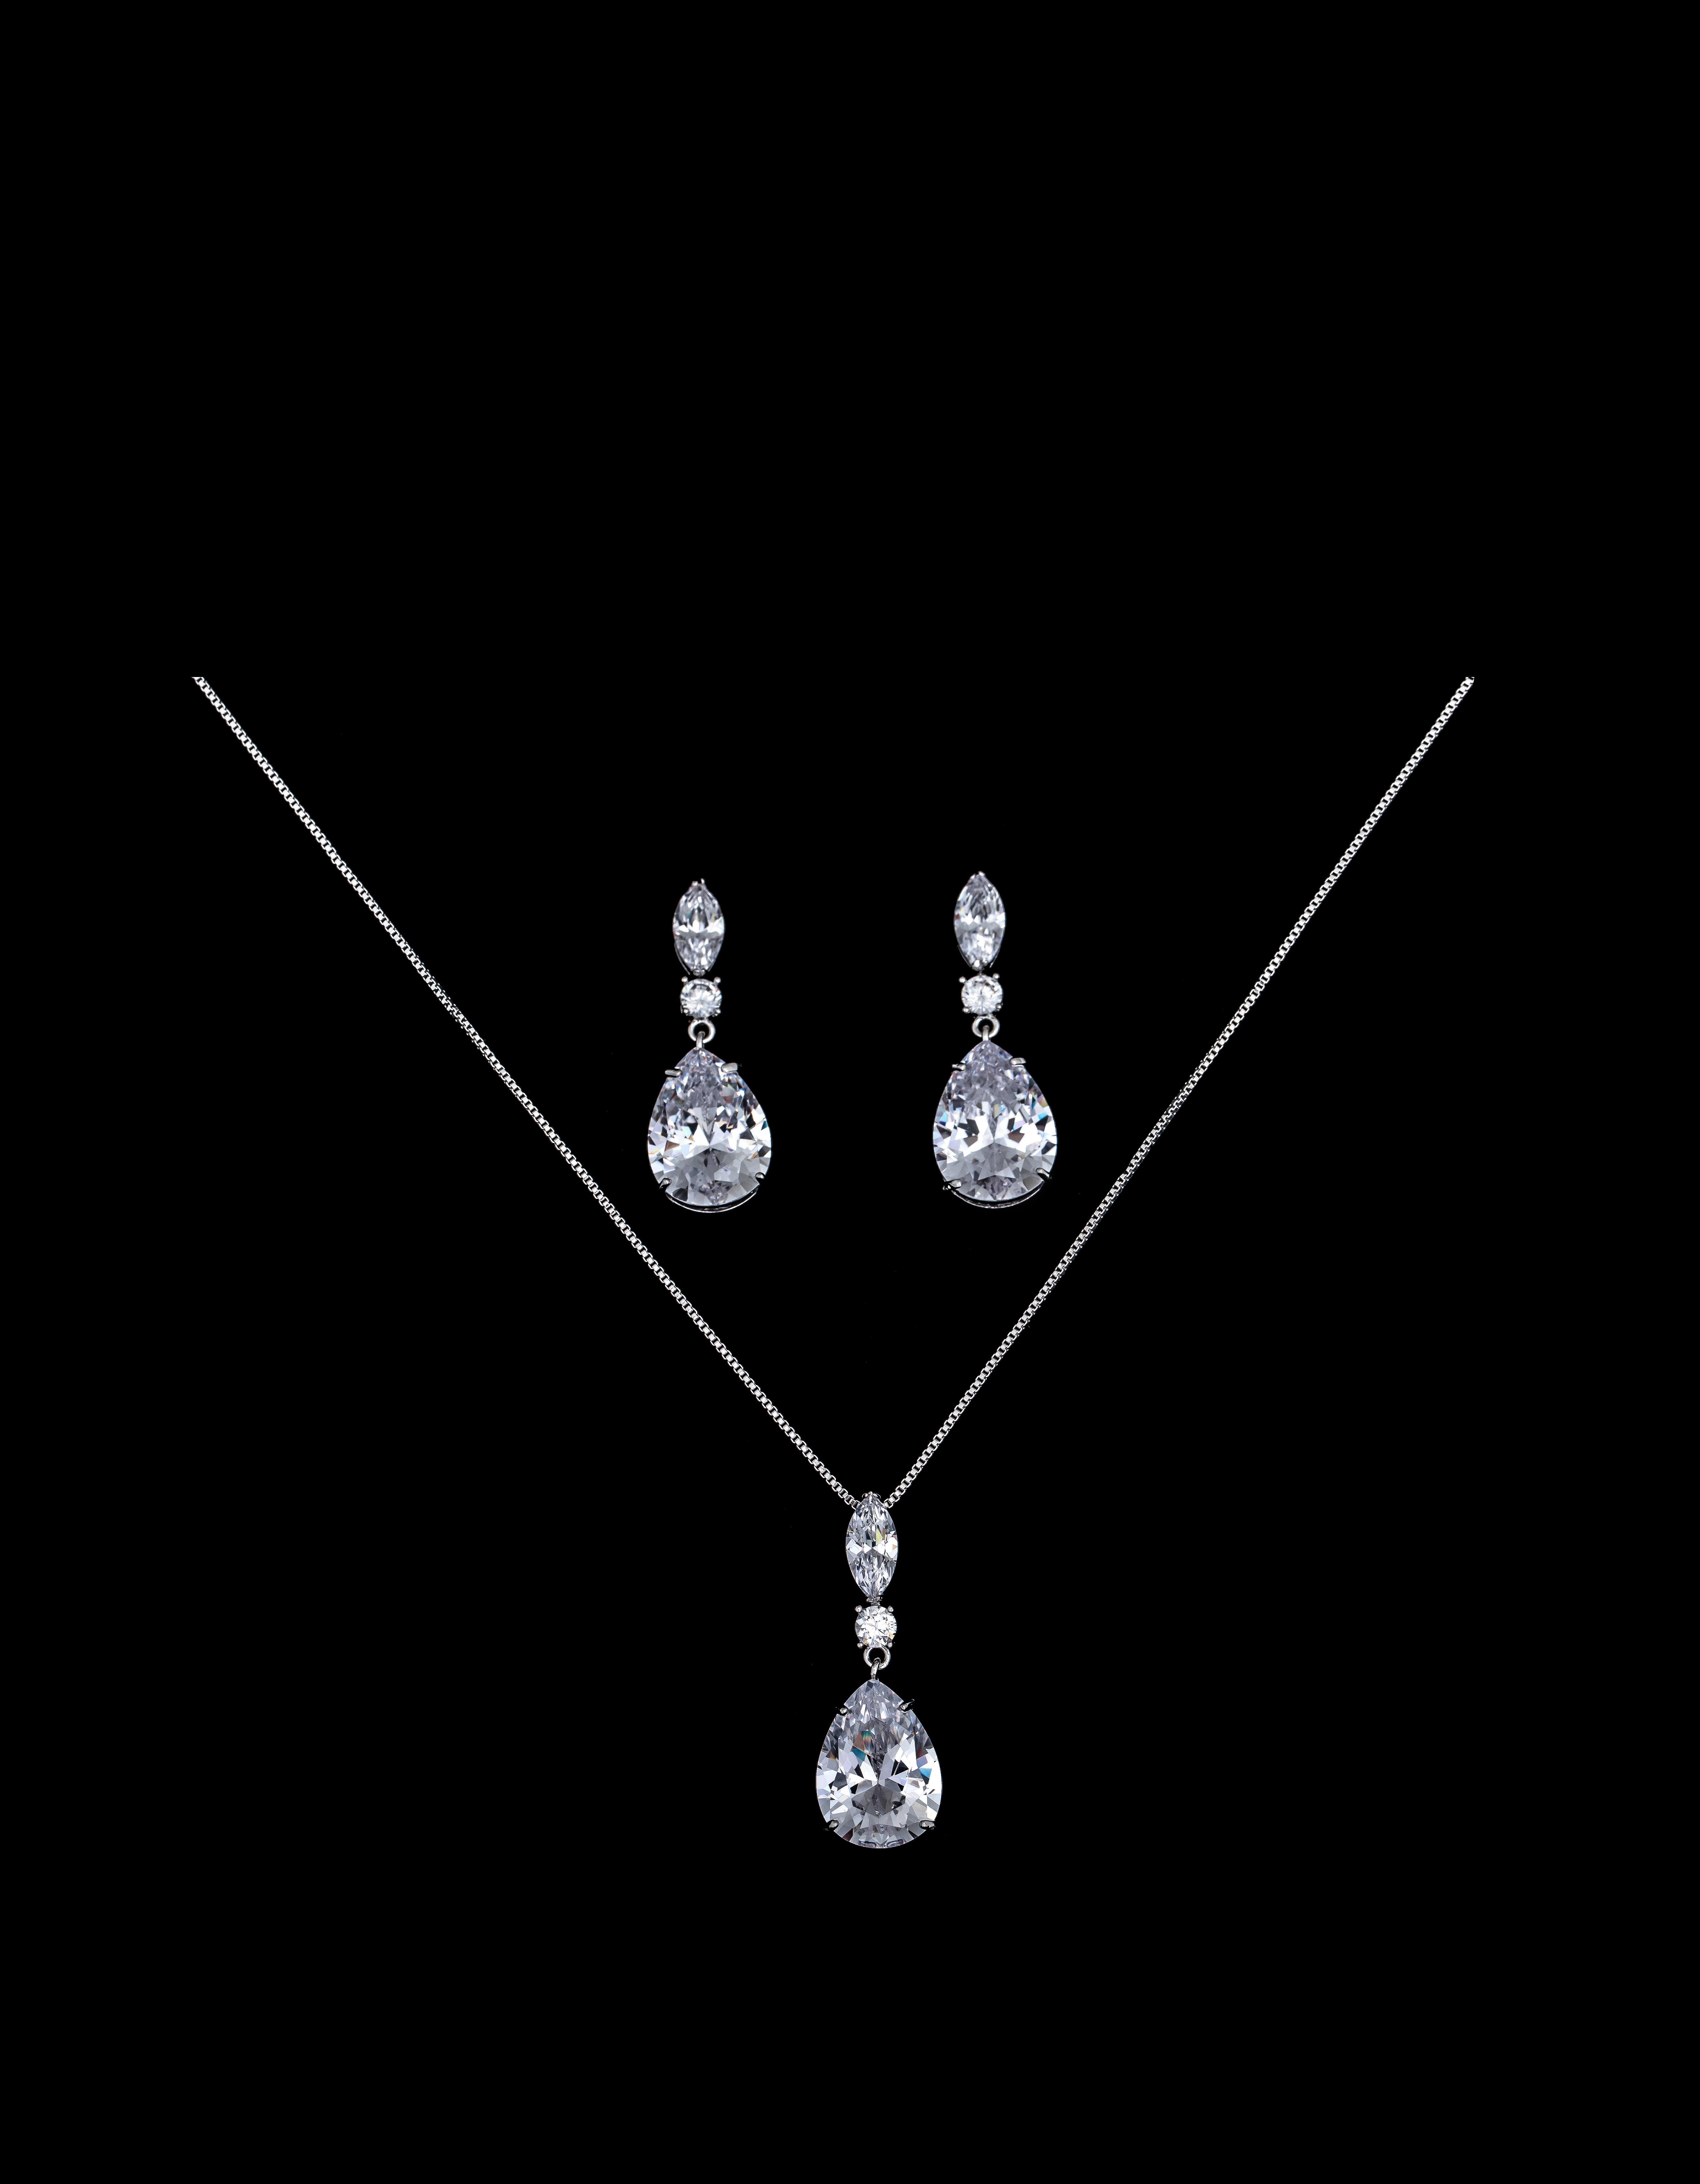 Bridal Classics Necklace Sets CZ-895